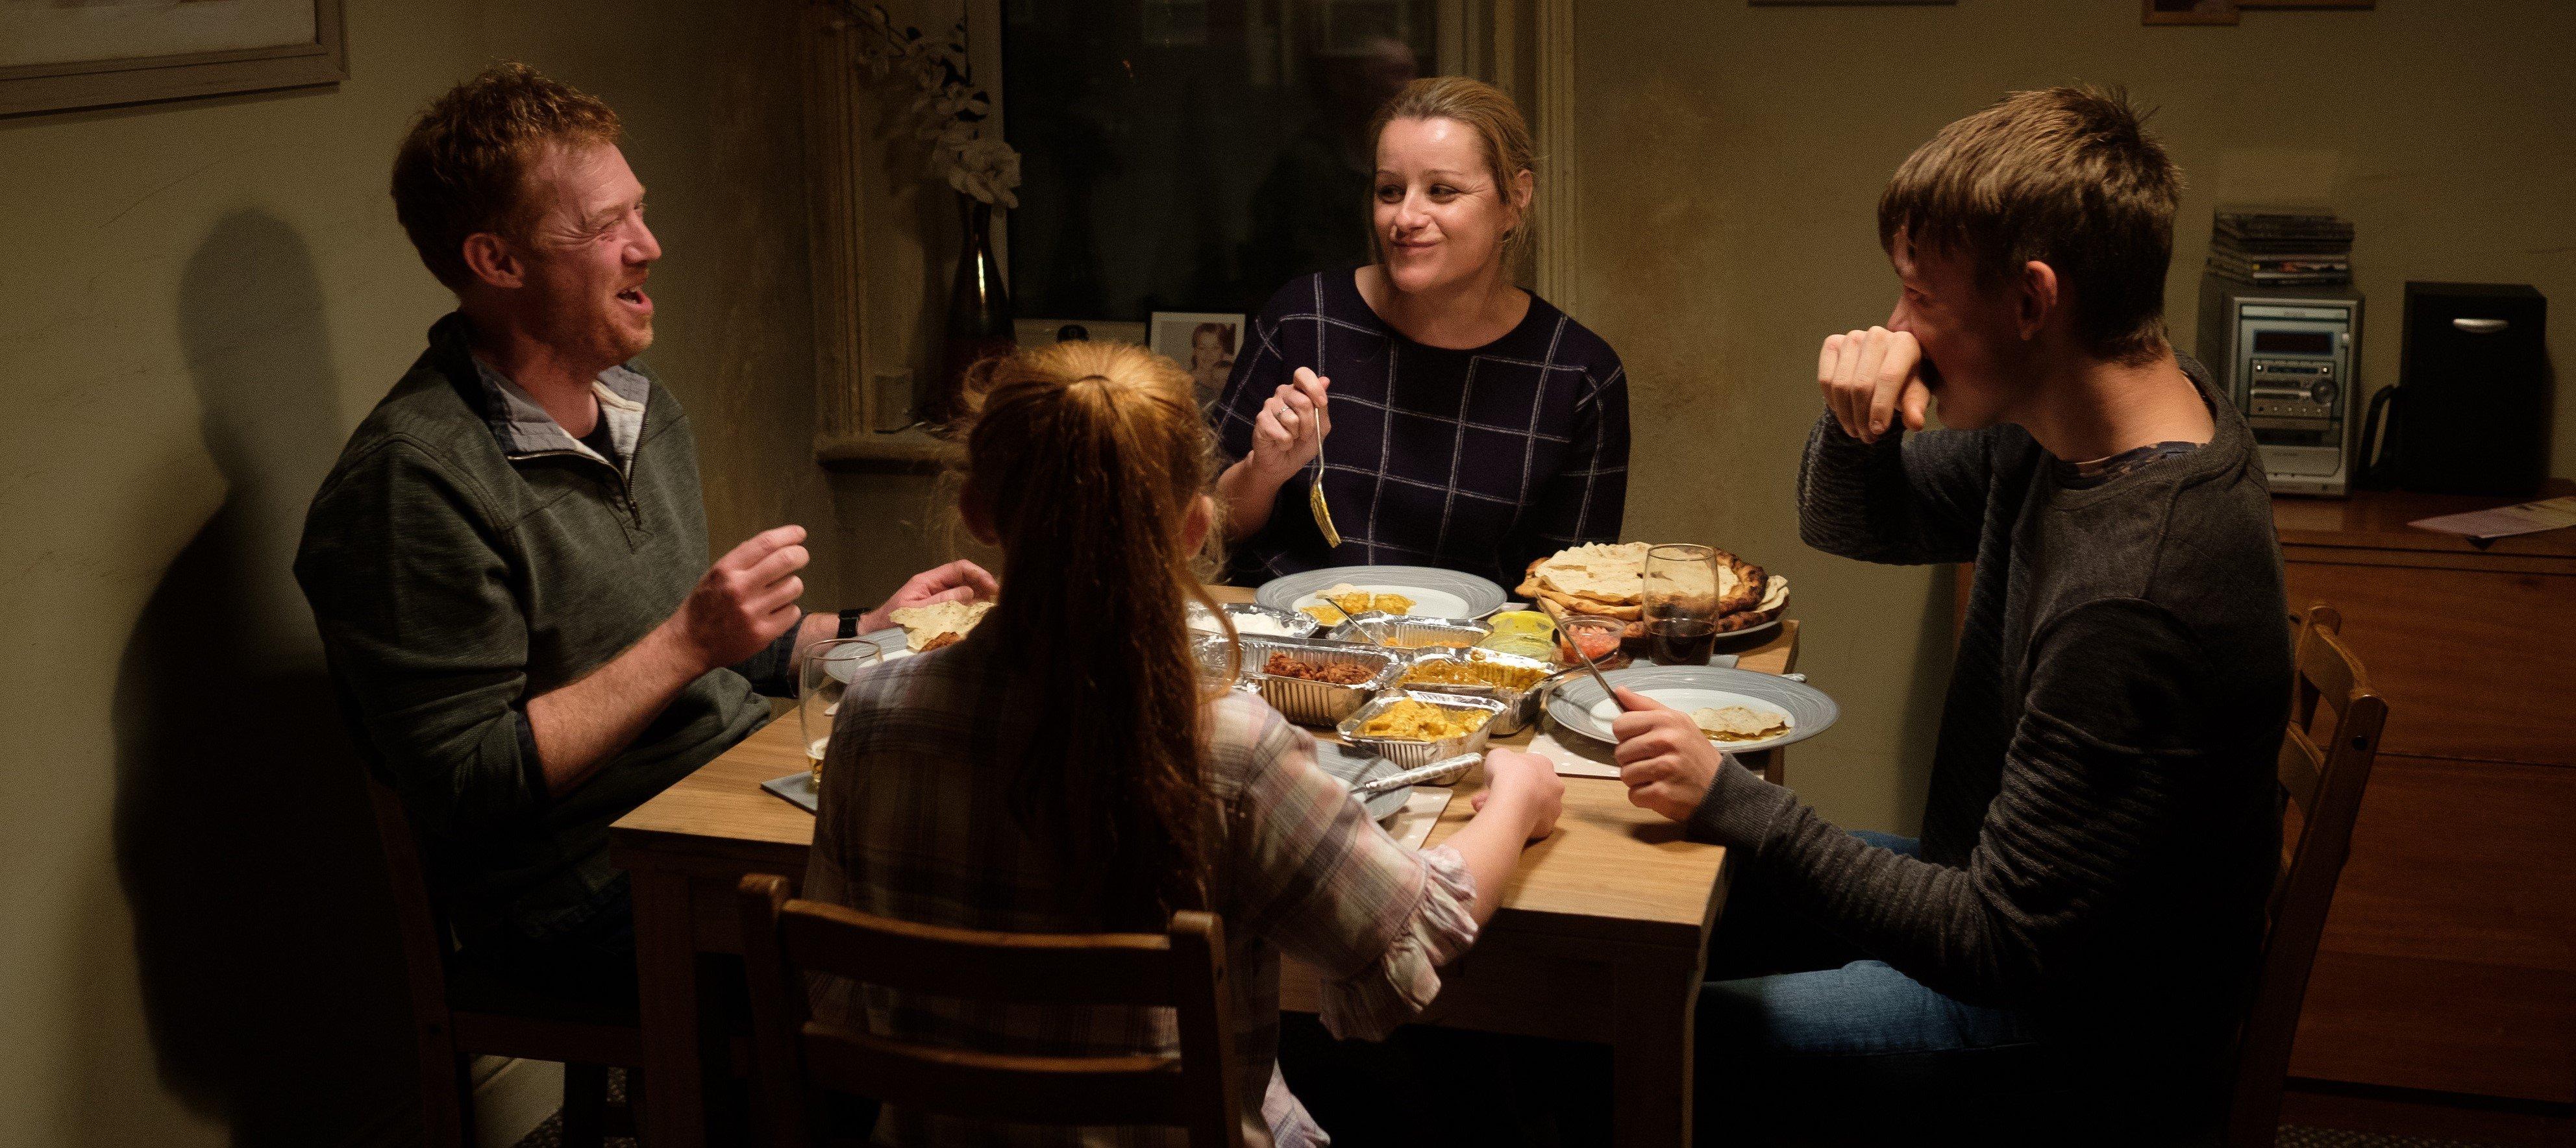 Die Turner-Familie beim Abendessen (v.l.): Ricky (Kris Hitchen), Liza Jane (Katie Proctor), Abby (Debbie Honeywood) und Seb (Rhys Stone). © JOSS BARRATT